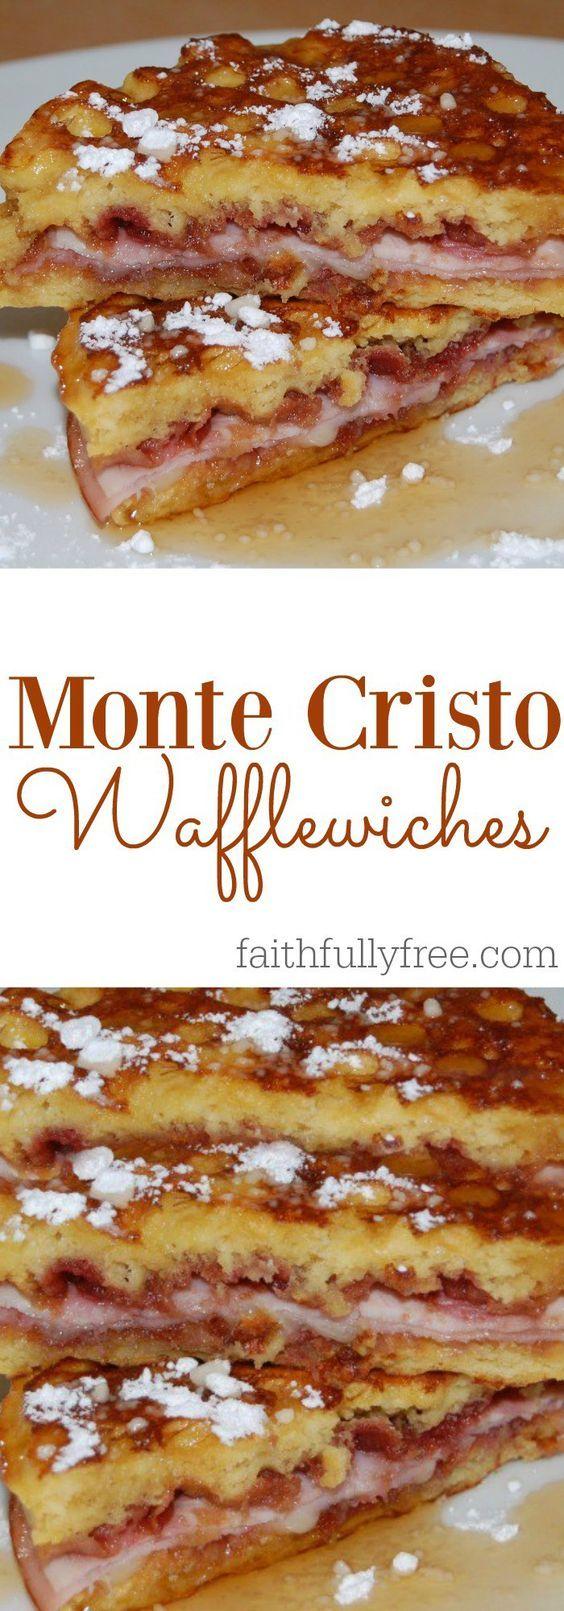 Monte Cristo Waffle'wiches